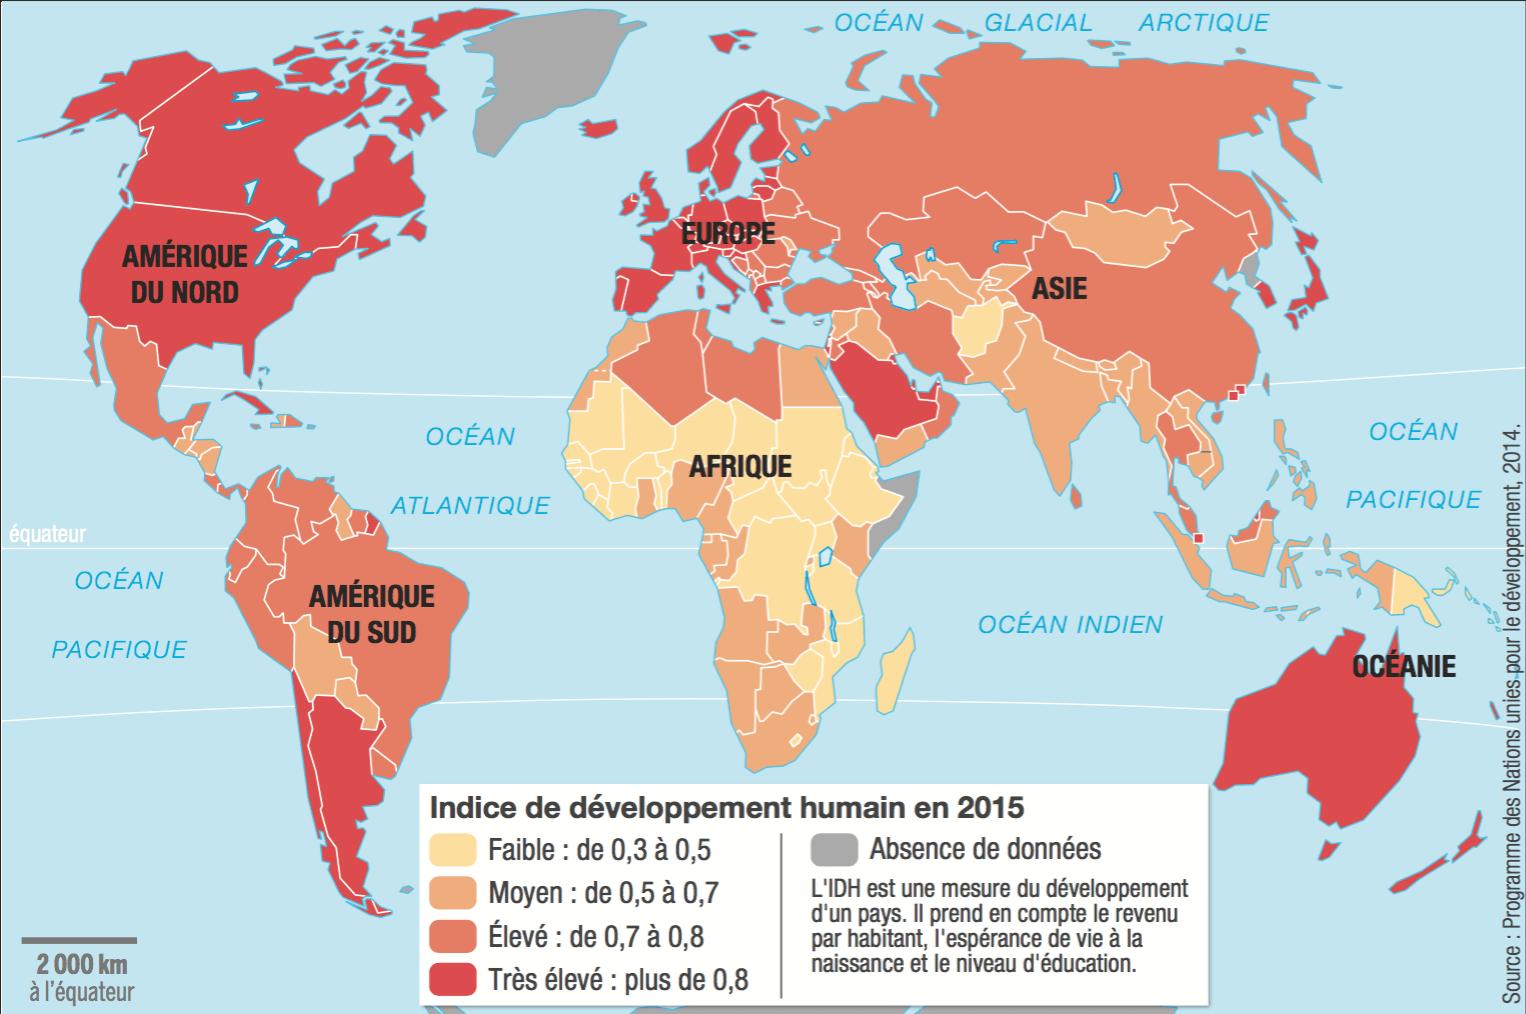 Les inégalités de développement